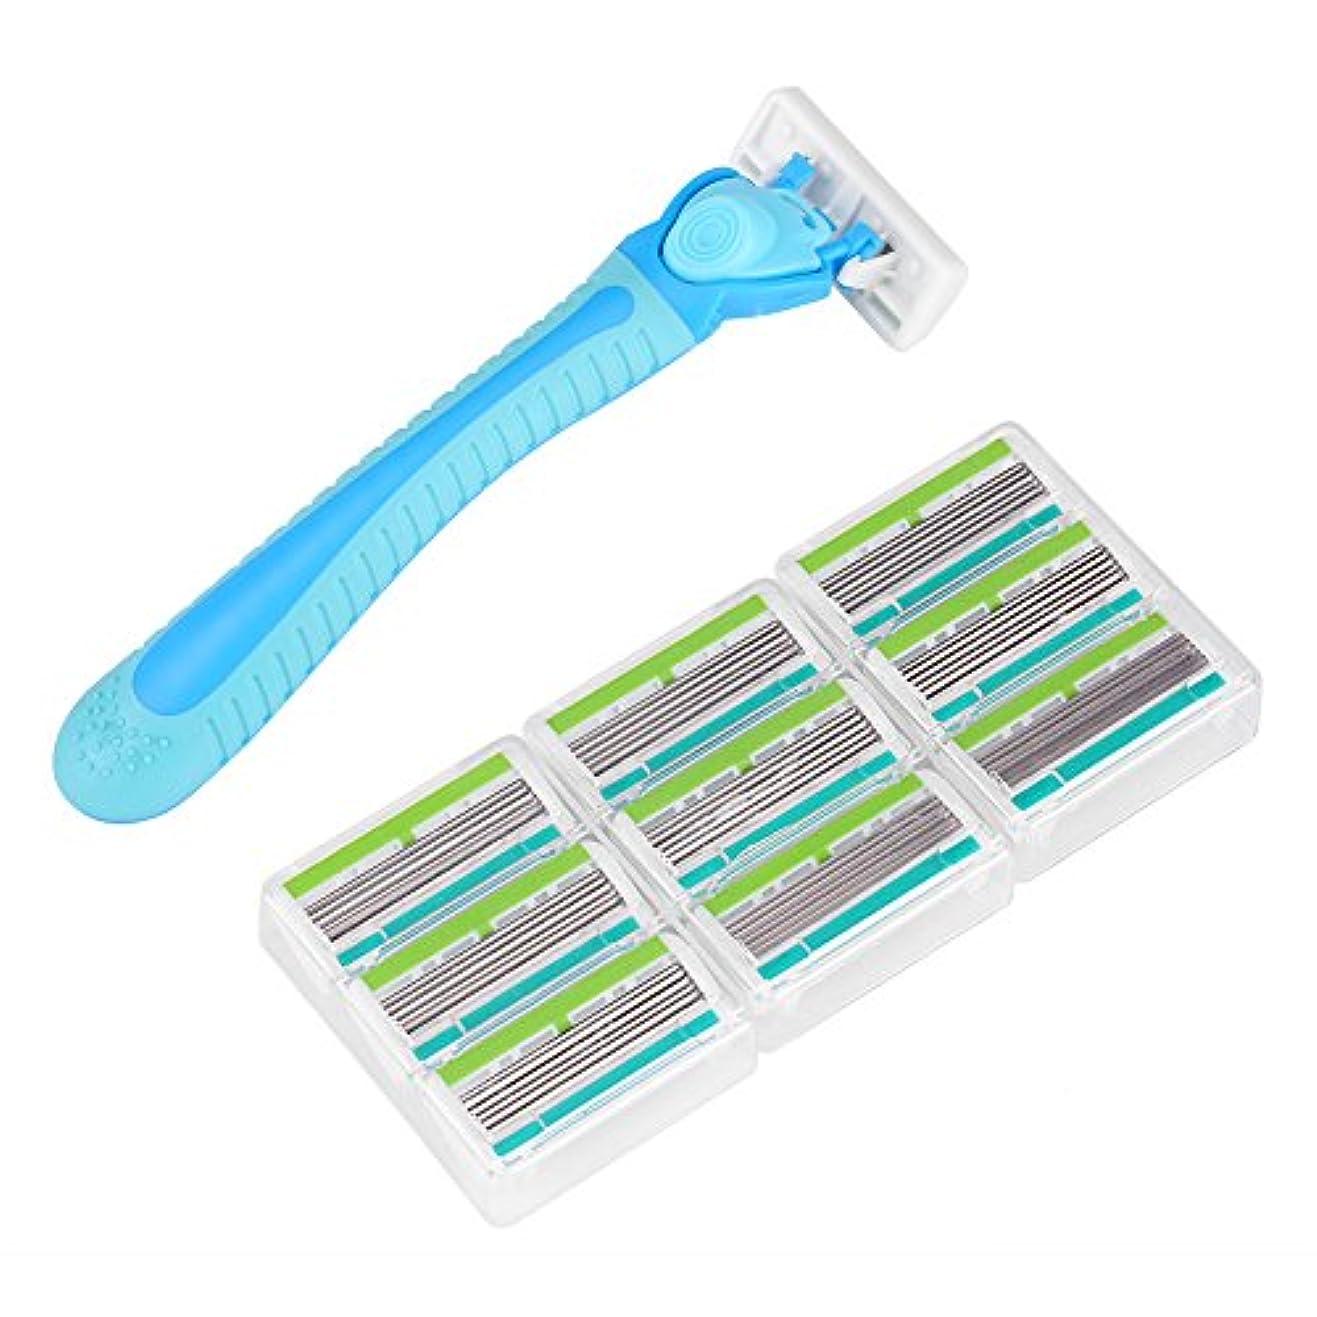 チキンカヌー周波数使い捨て剃刀、6層刃カミソリホルダーレッグ脱毛シェービング(男性/女性用)(蓝色)